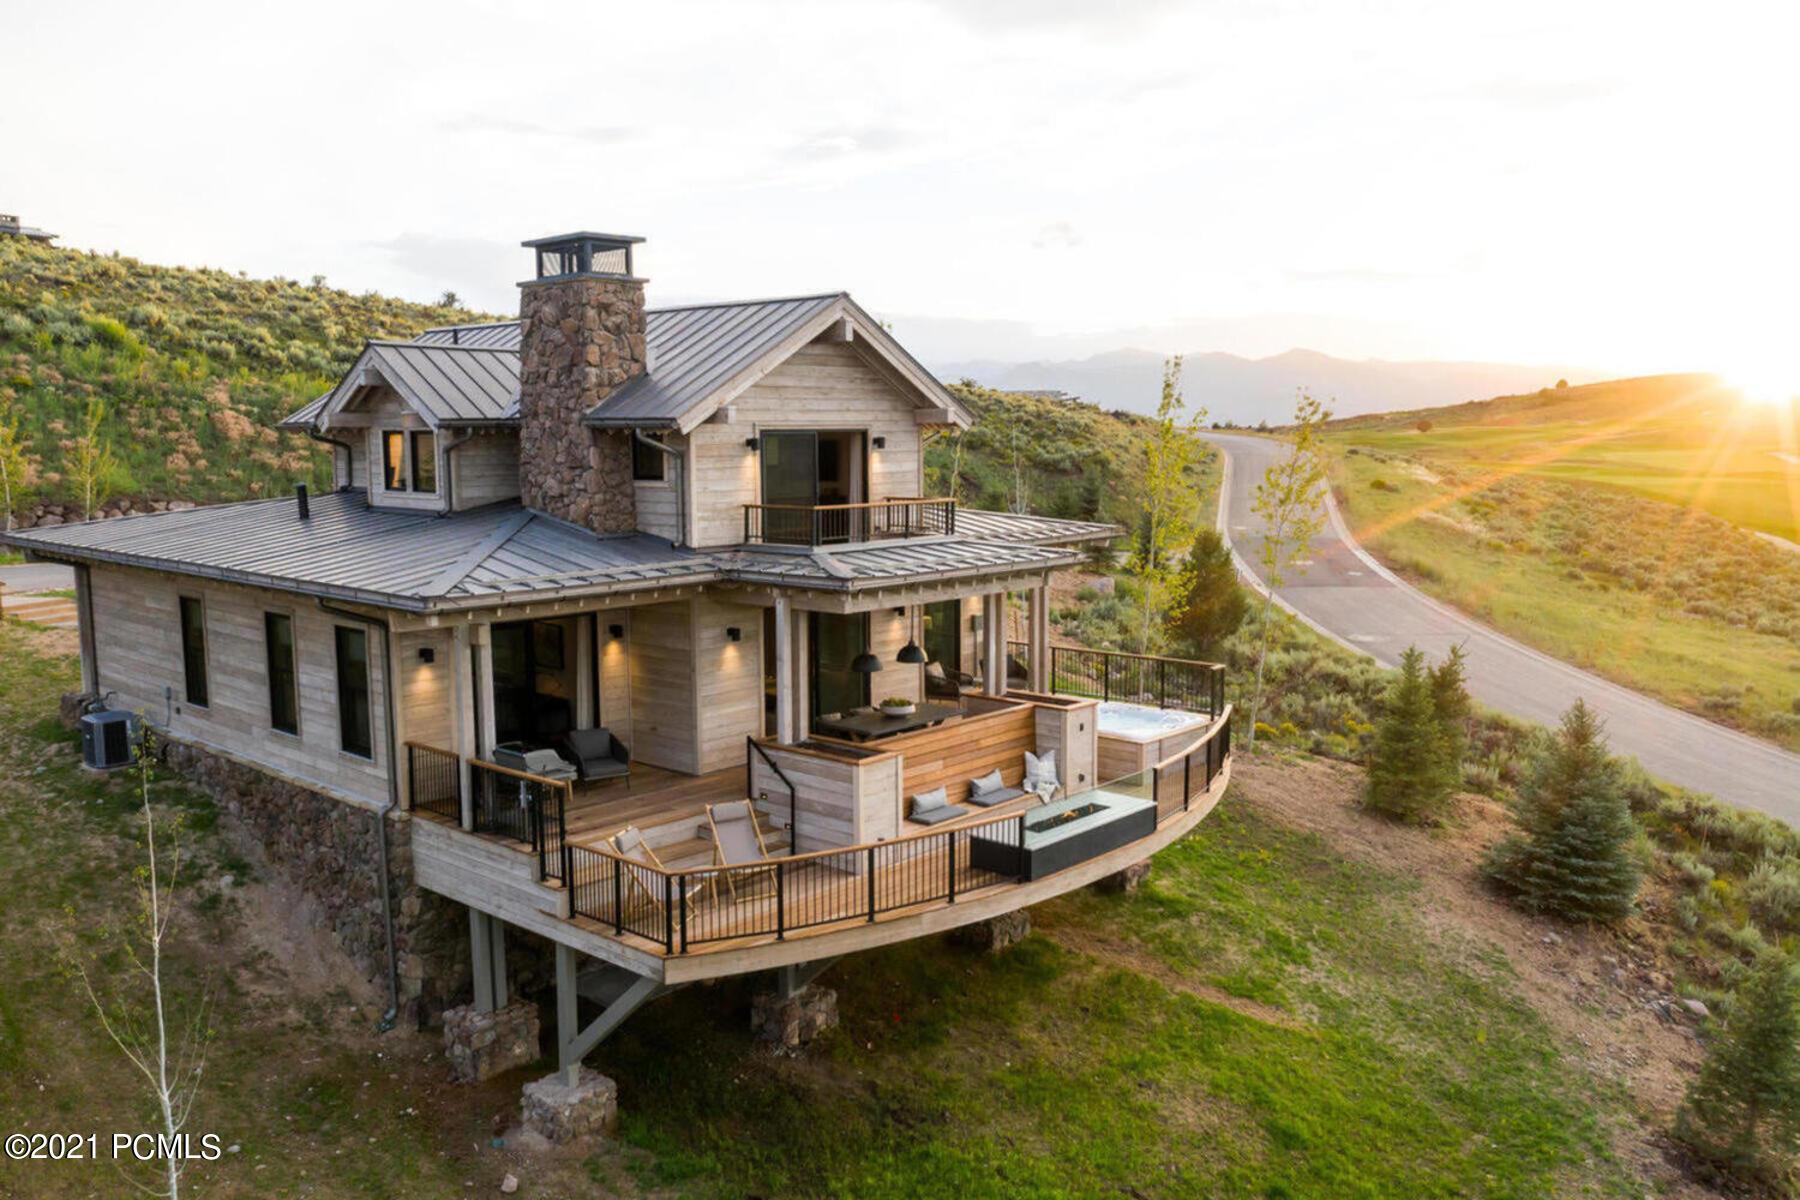 7515 Stardust Ct #315h, 3.32 Court, Heber City, Utah 84032, 3 Bedrooms Bedrooms, ,3 BathroomsBathrooms,Fractional Interest,For Sale,Stardust Ct #315h, 3.32,12104024